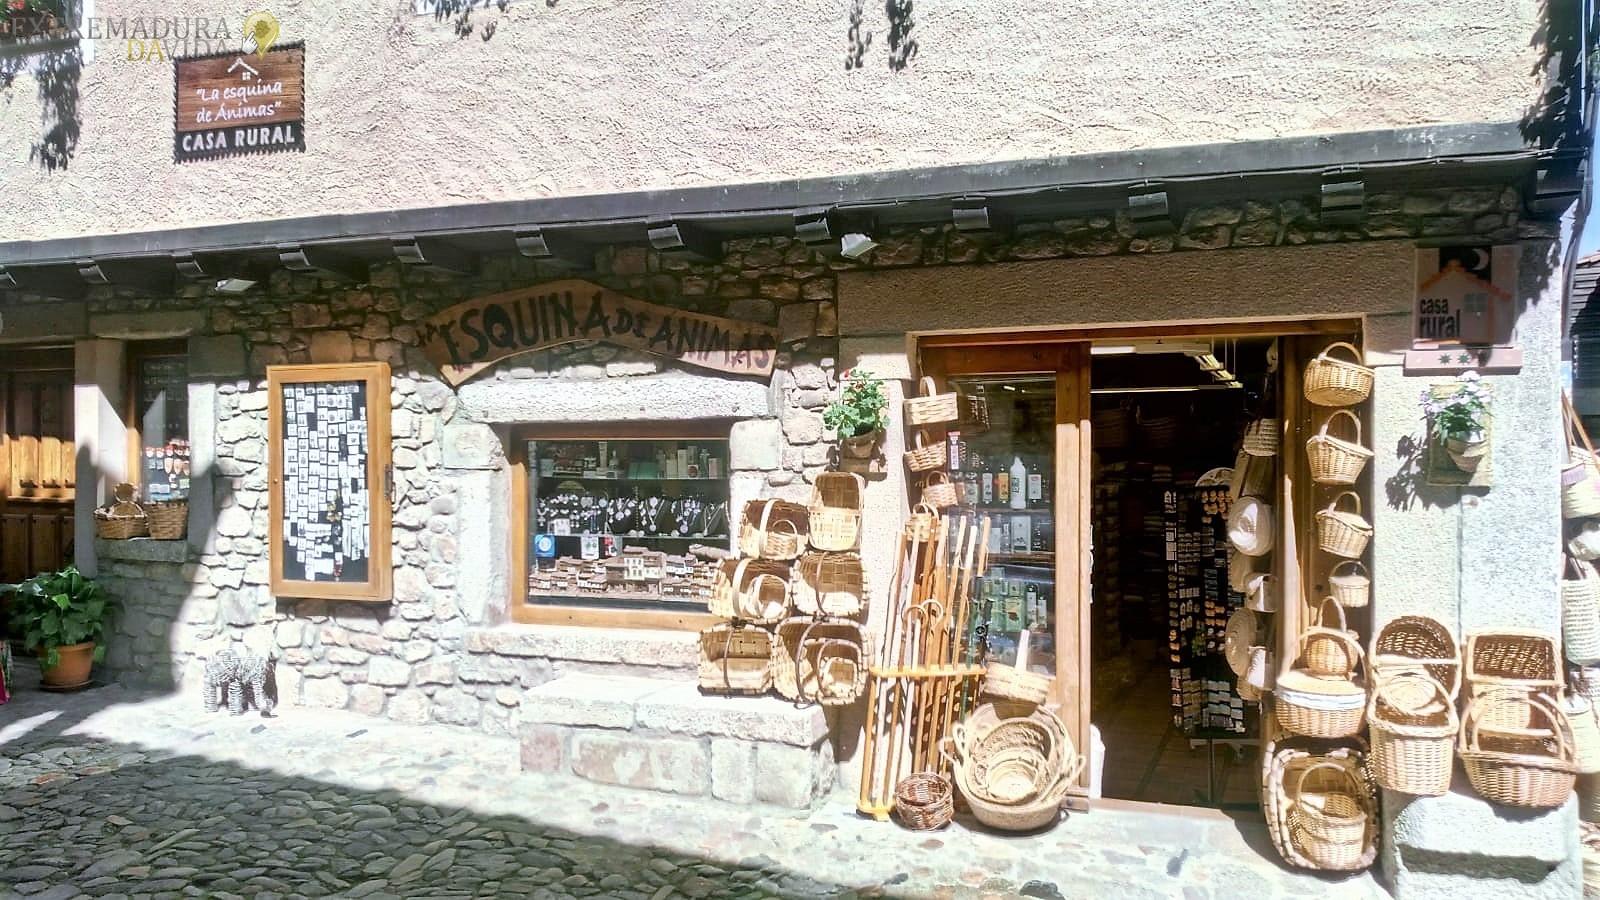 Tienda de regalos en La Alberca La Esquina de Animas